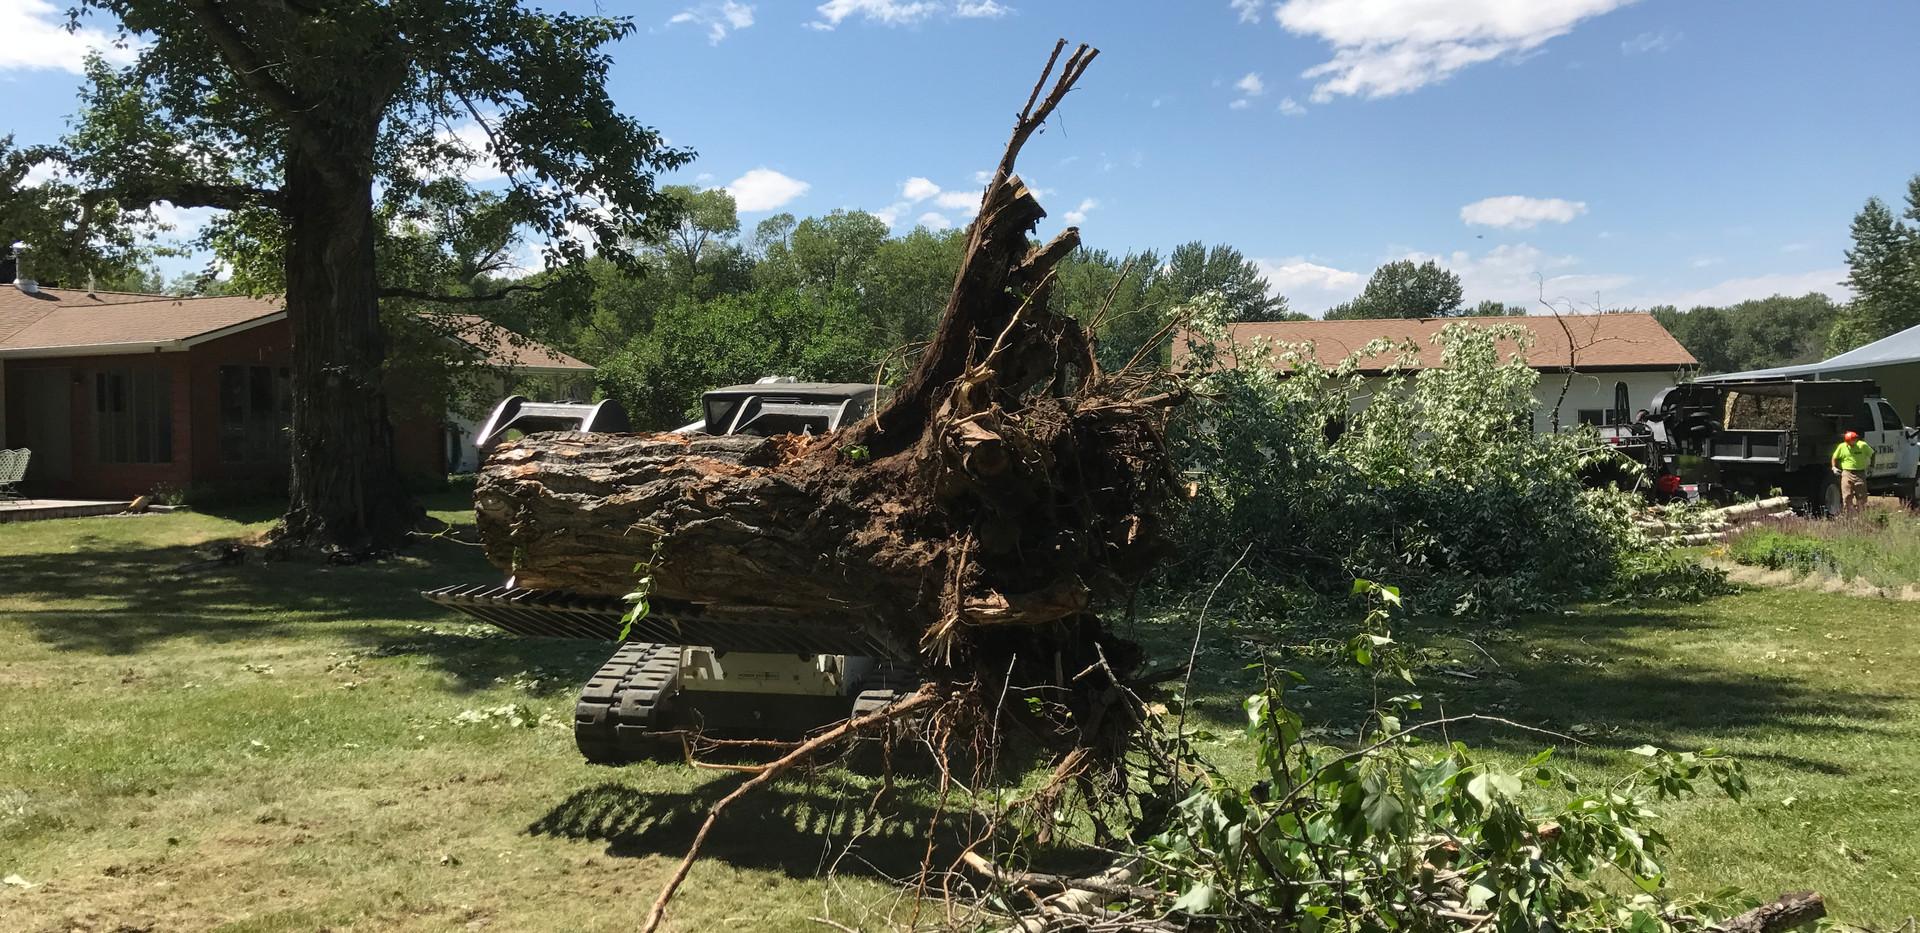 Stump Excavation BIG TWIG Tree Care